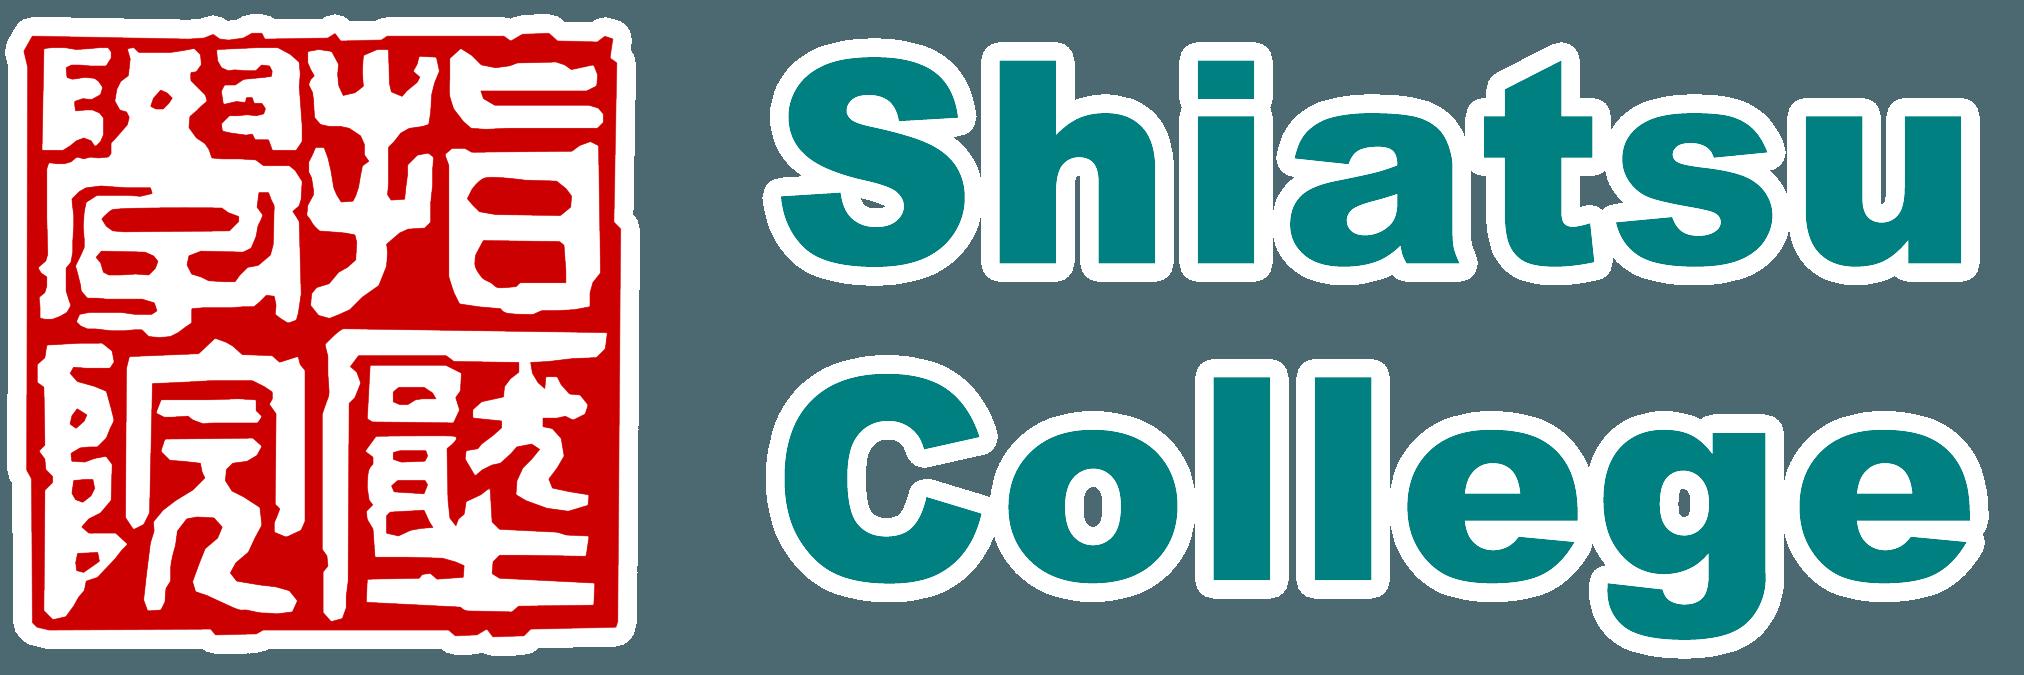 The Shiatsu College